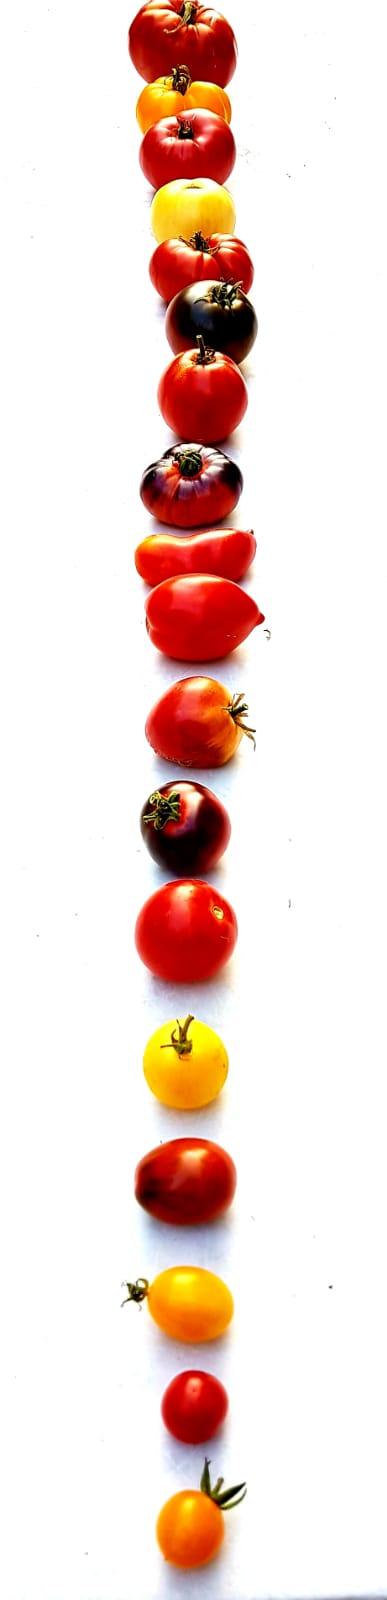 18 variétés de solanacées